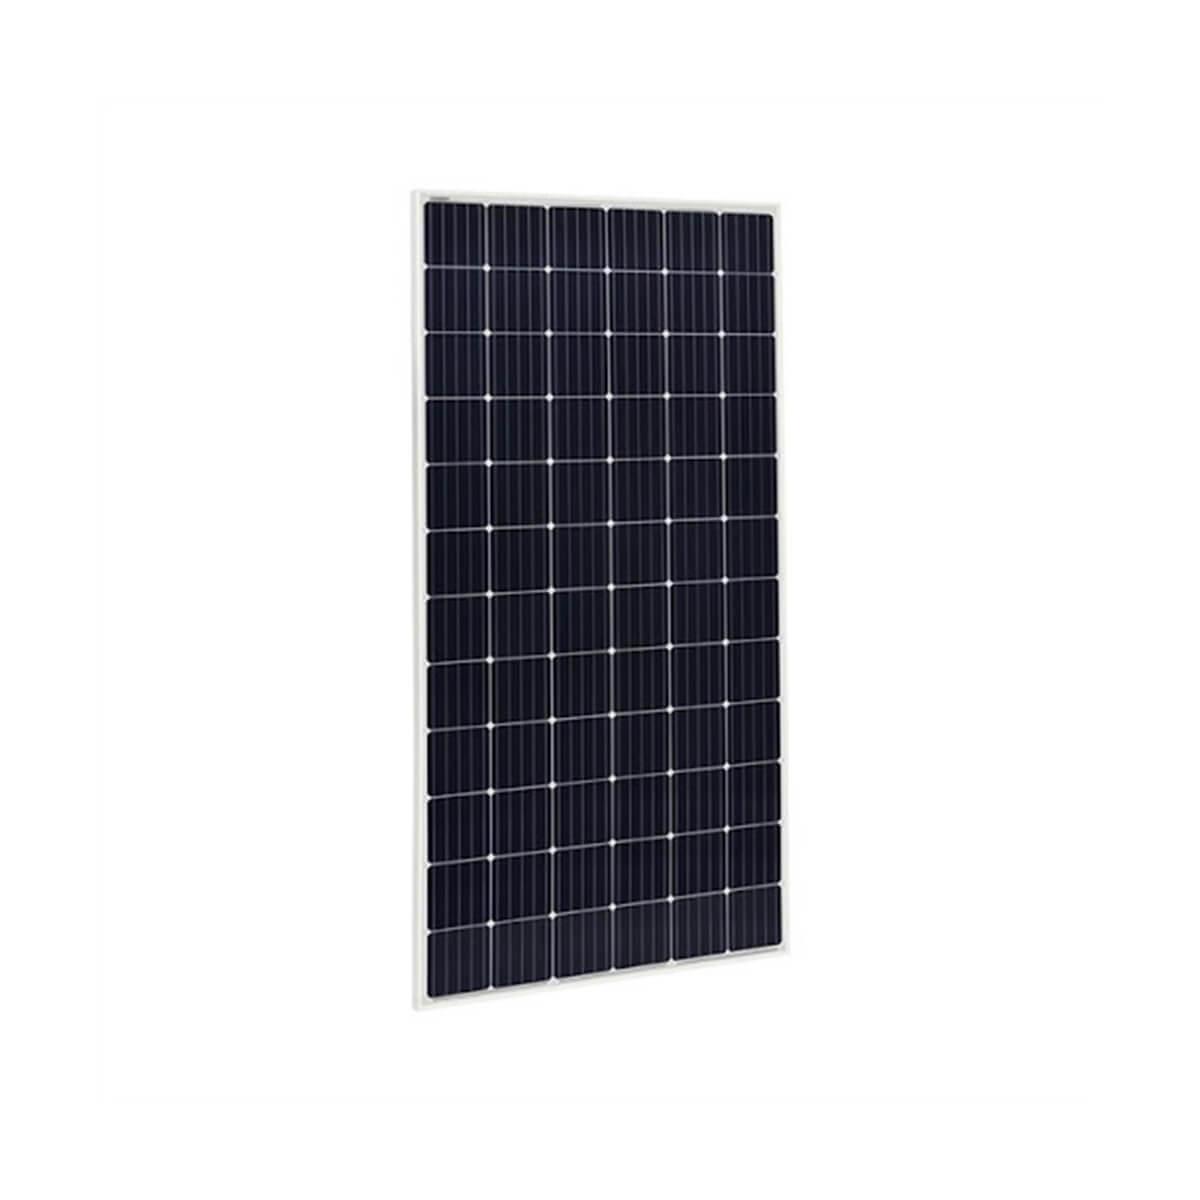 ht solar 380W panel, ht solar 380Watt panel, ht solar 380 W panel, ht solar 380 Watt panel, ht solar 380 Watt monokristal panel, ht solar 380 W watt gunes paneli, ht solar 380 W watt monokristal gunes paneli, ht solar 380 W Watt fotovoltaik monokristal solar panel, ht solar 380W monokristal gunes enerjisi, ht solar HT72-156M-380W panel, HT SOLAR 380 WATT